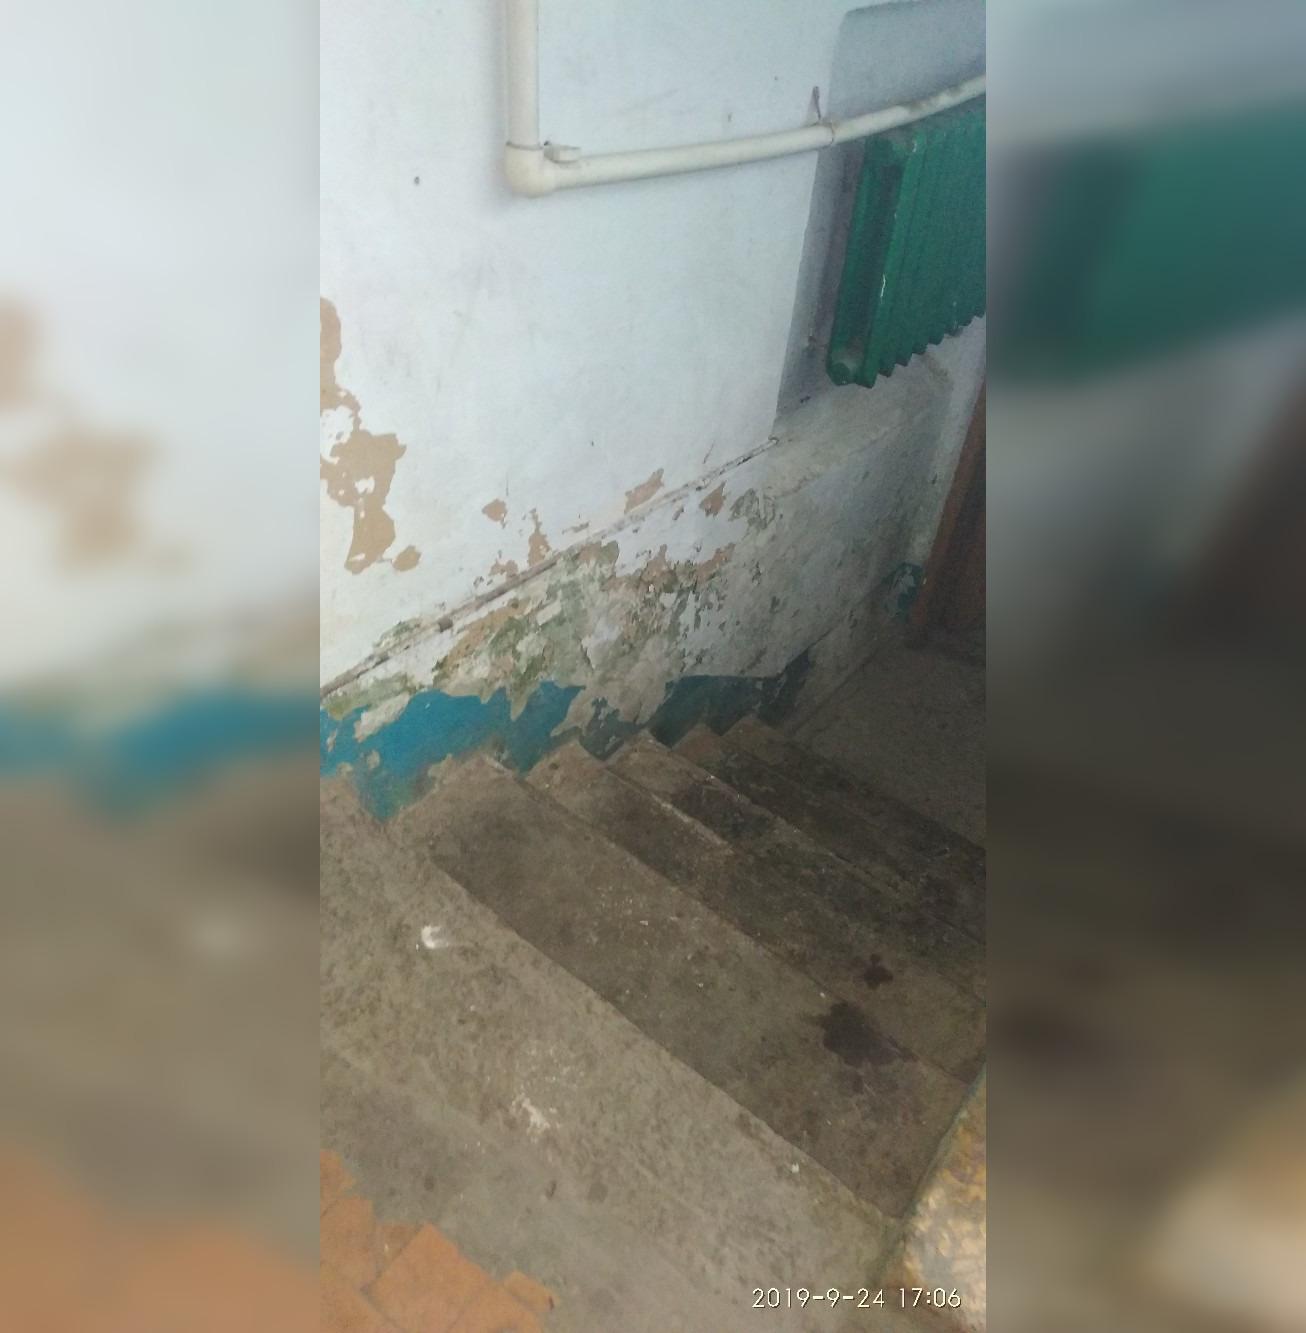 «Устали жить в таких условиях»: Жители Башкирии вынуждены жить в аварийном доме